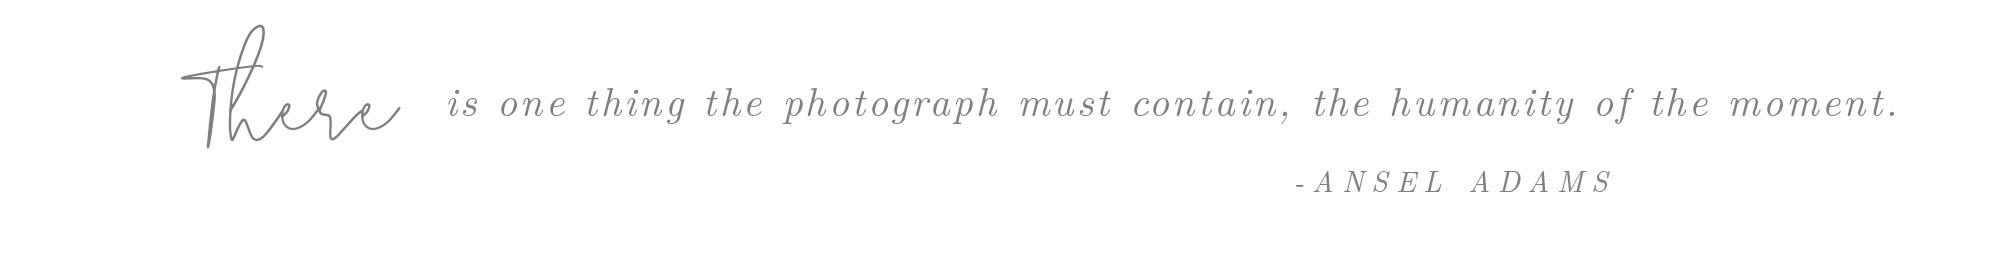 quote-2.jpg